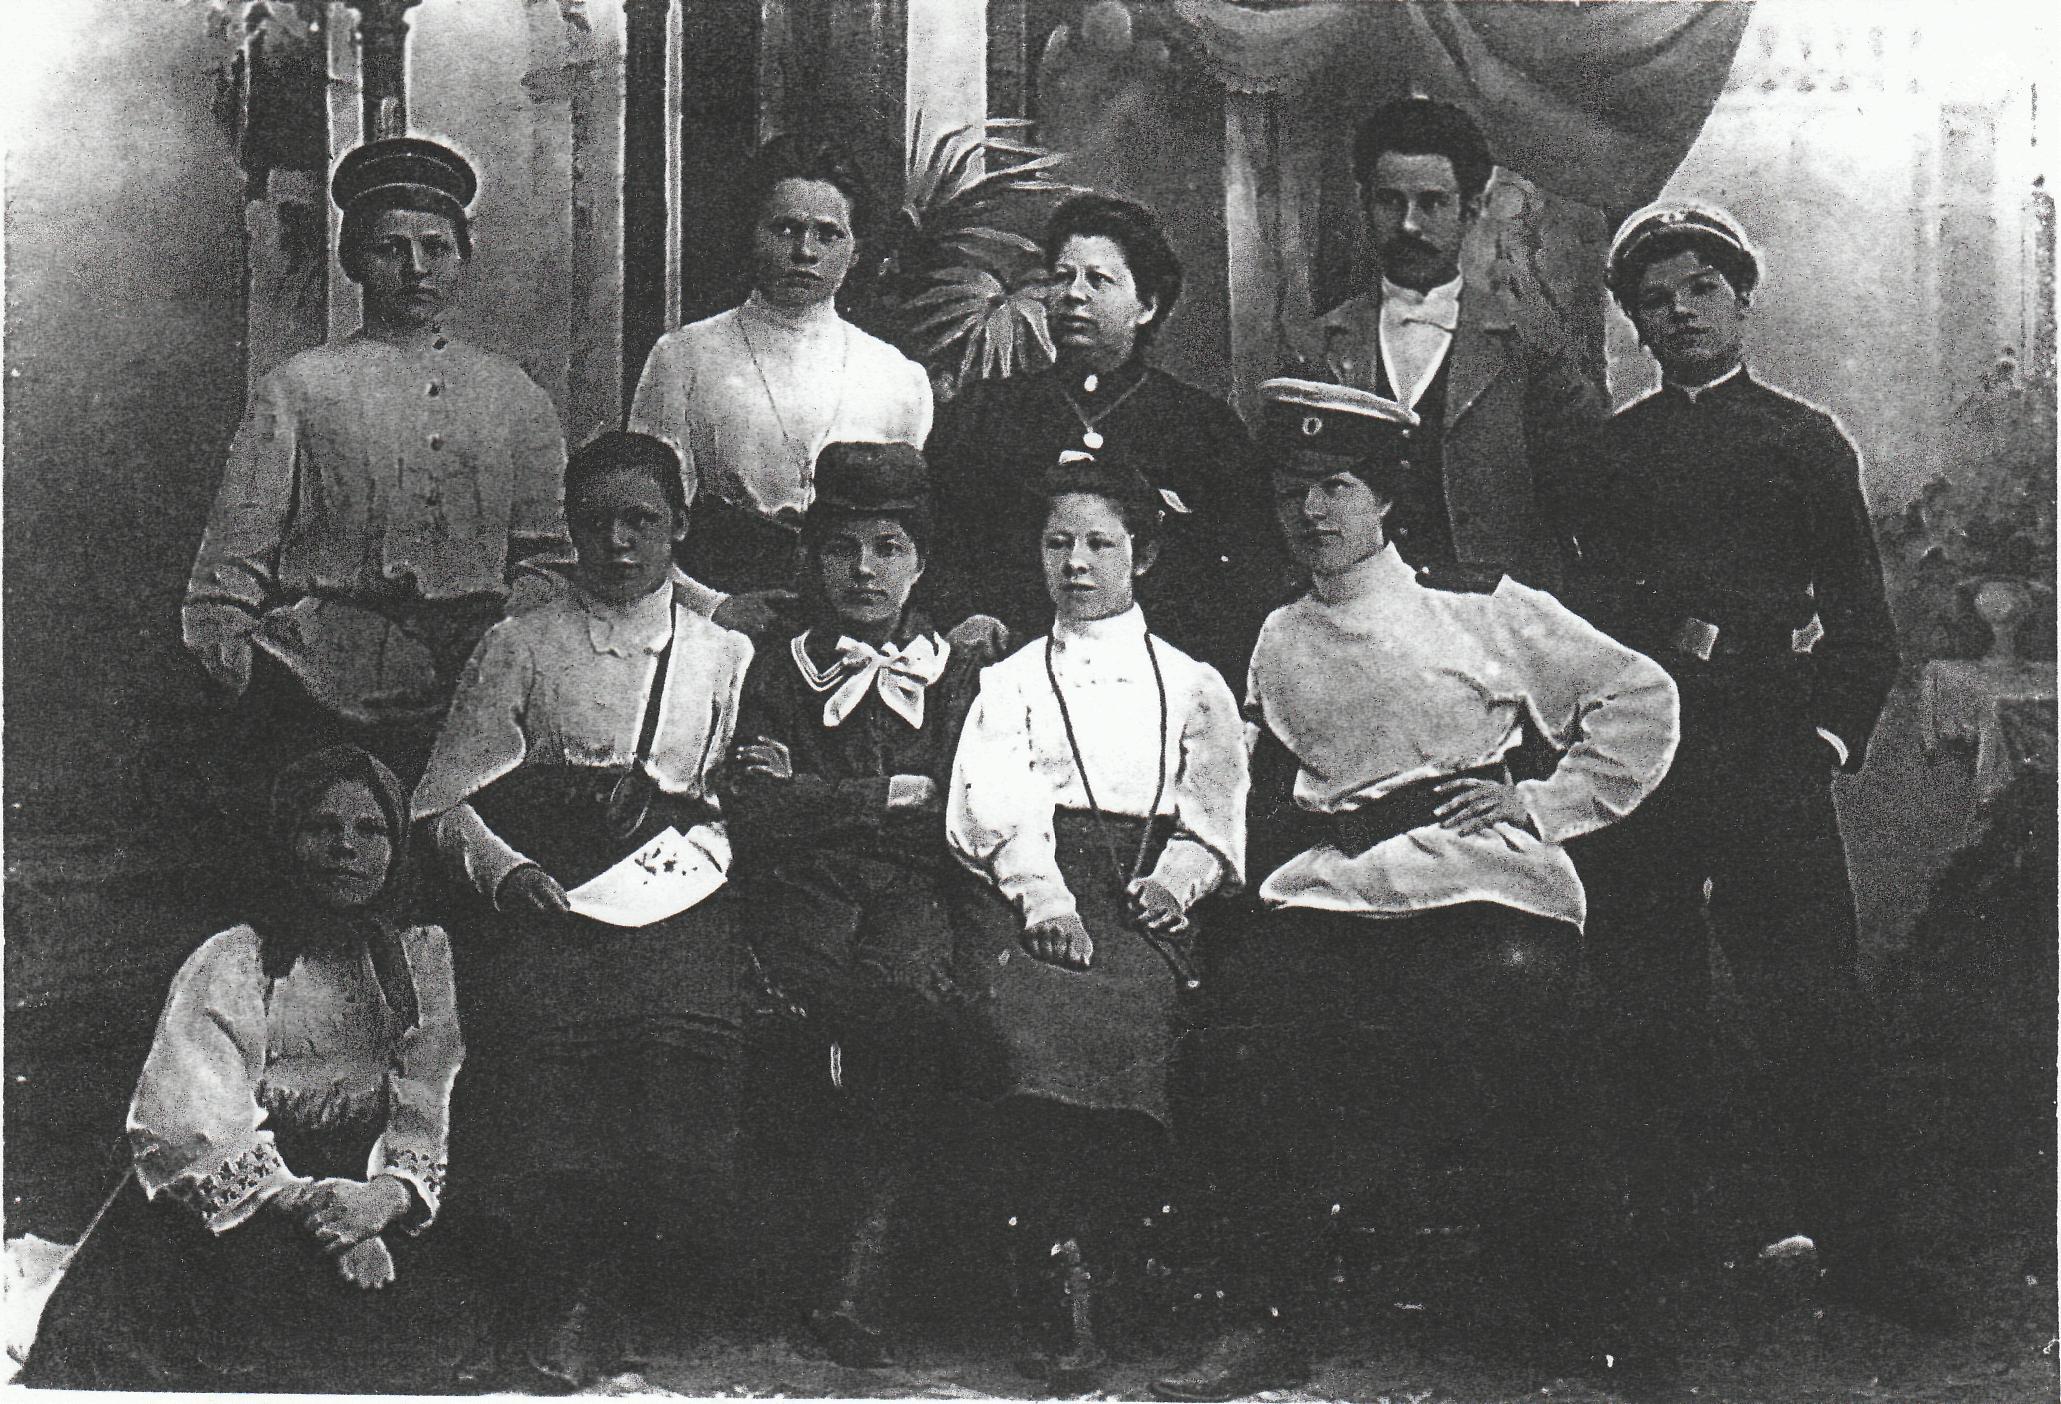 Участники домашнего спектакля в доме Капгеров. Крайняя слева (сидит) М.Ермолина, крайняя справа (стоит) А. Винокурова